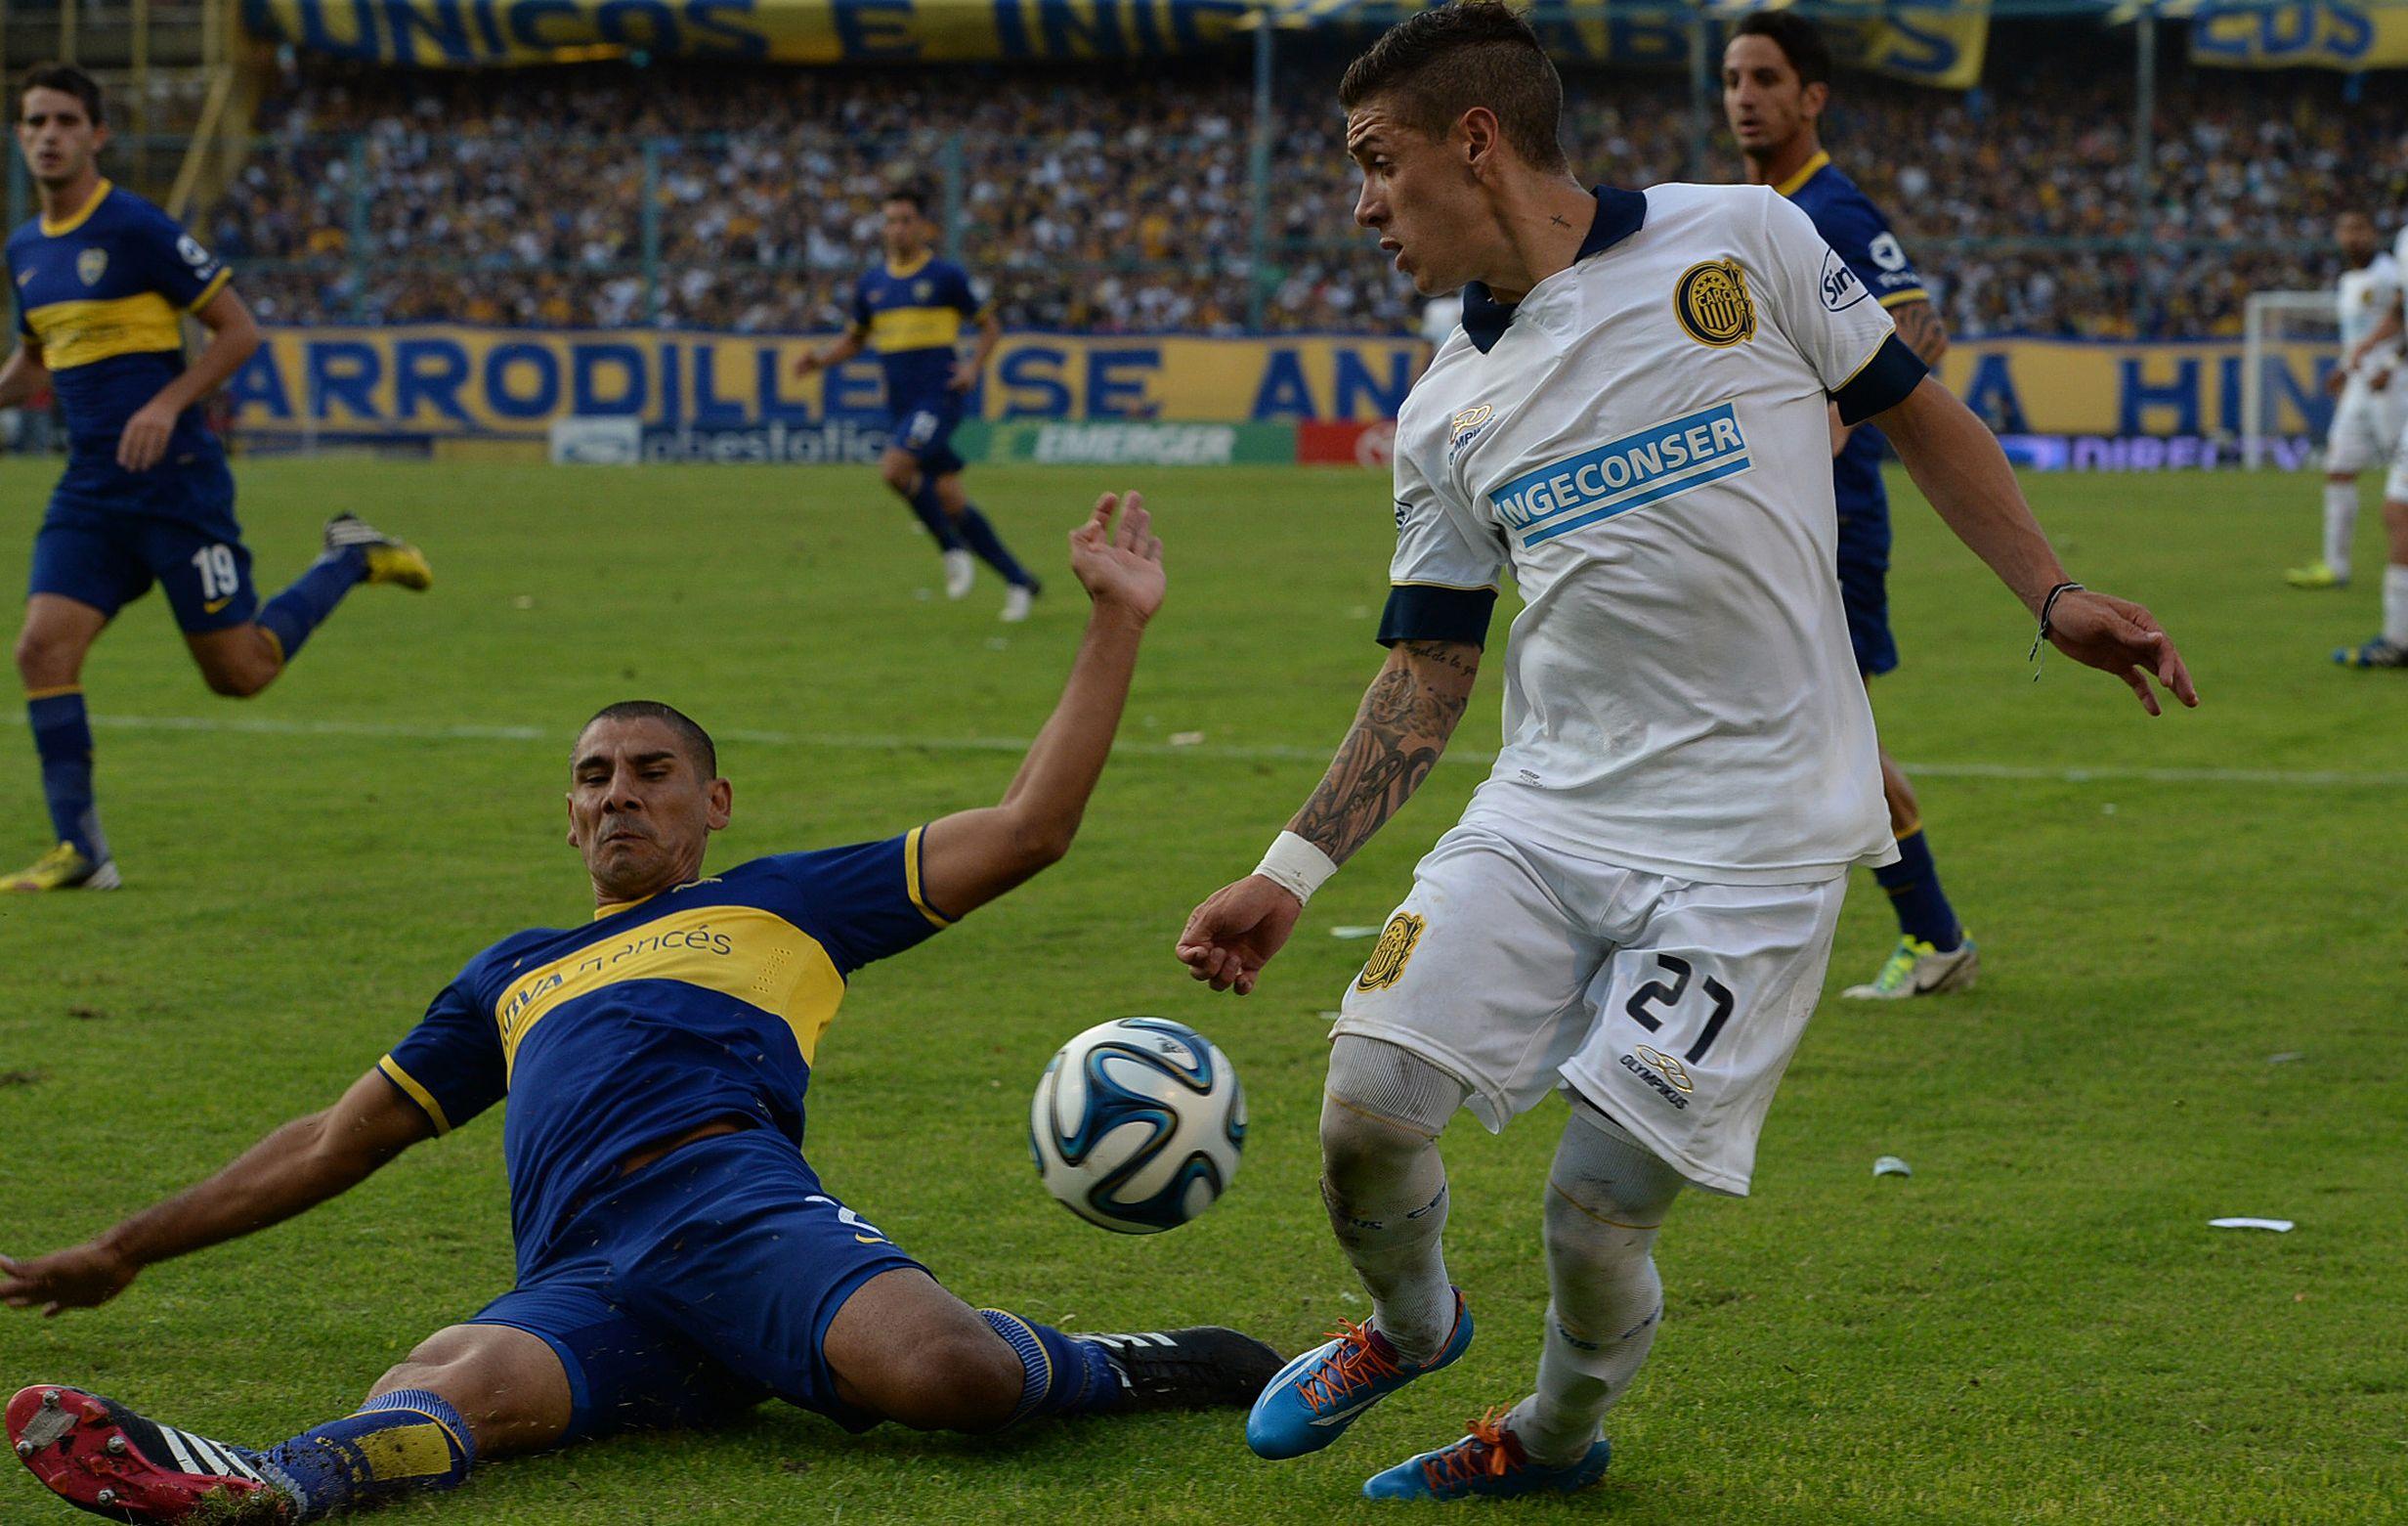 Aguirre intenta desbordar ante el Cata Díaz. Aguirre jugaría su tercer partido como titular en el torneo.